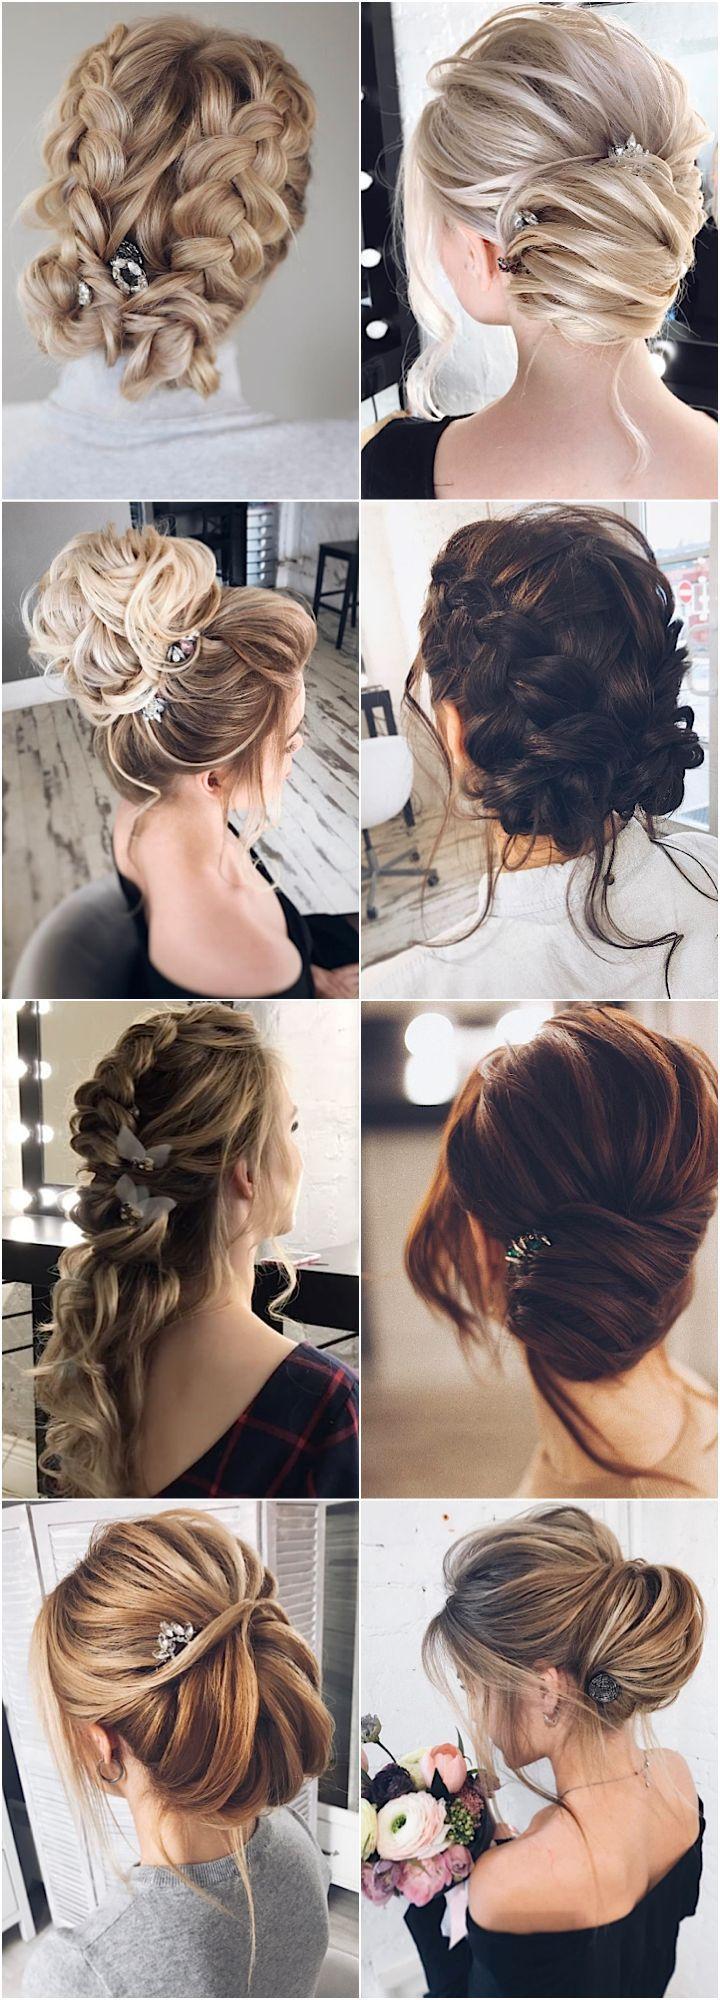 best idées de coiffure images on pinterest hairstyle ideas